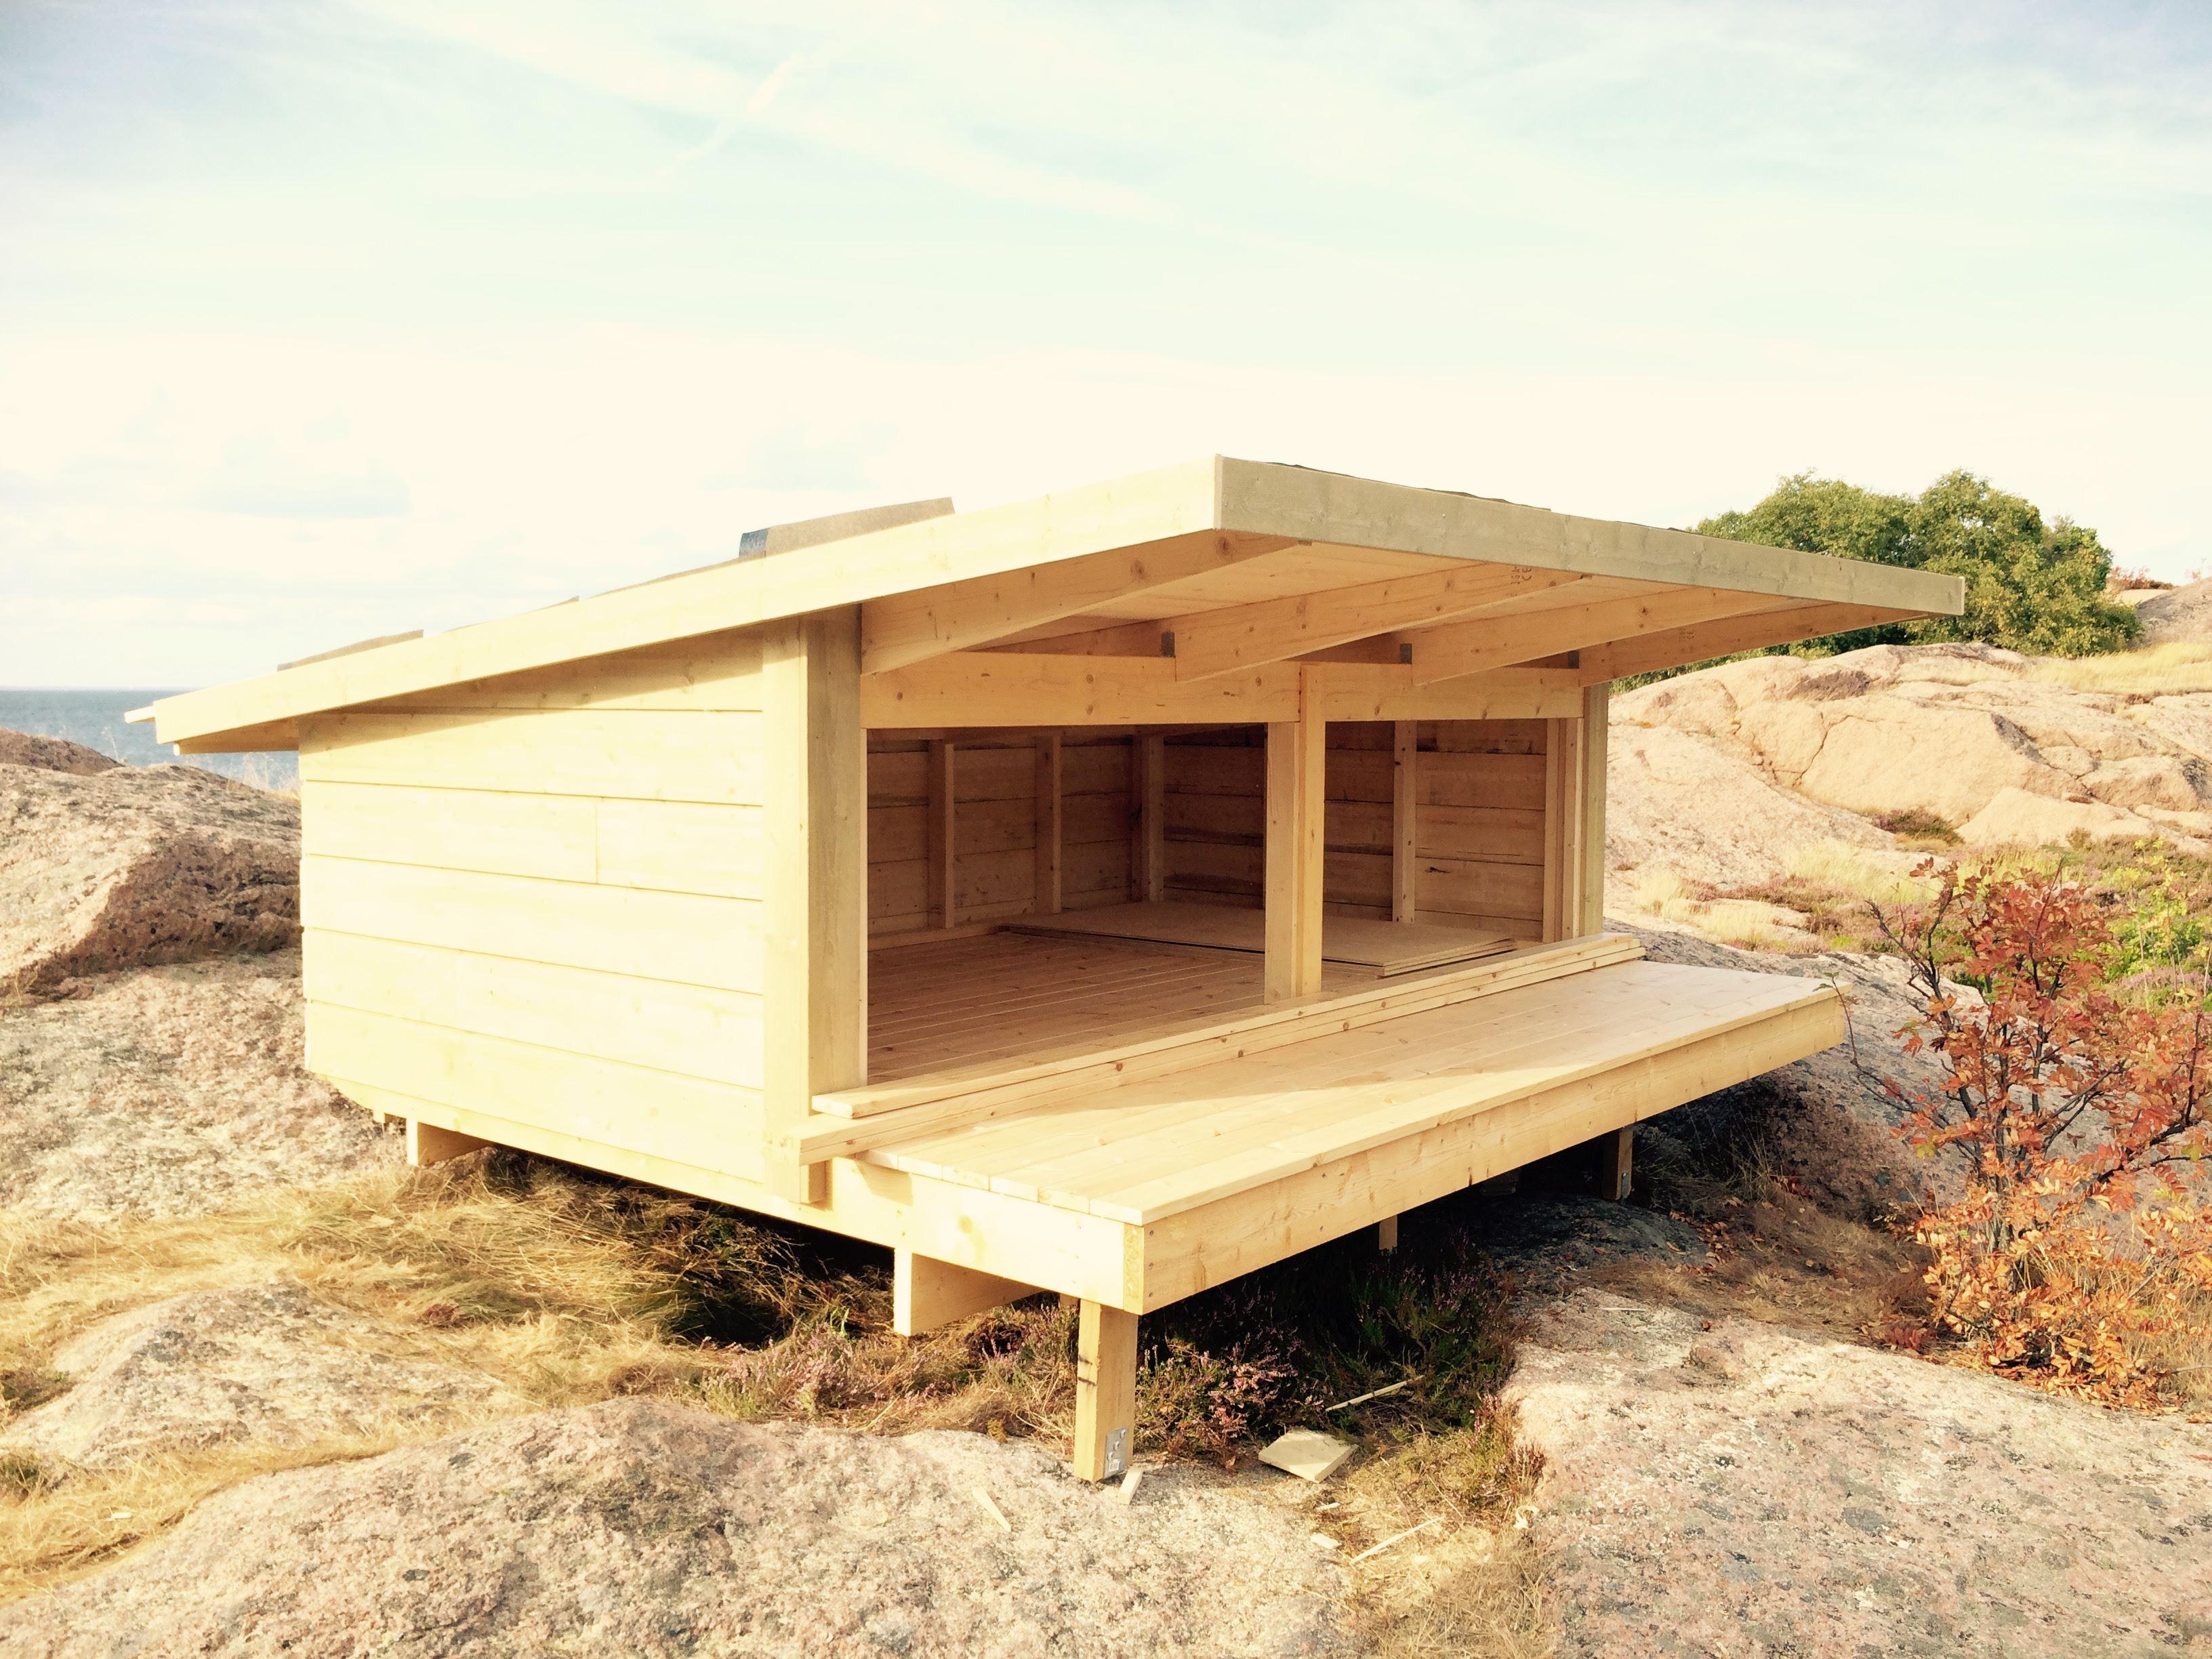 Übernachtung im Unterstand auf der Insel Blå Jungfrun